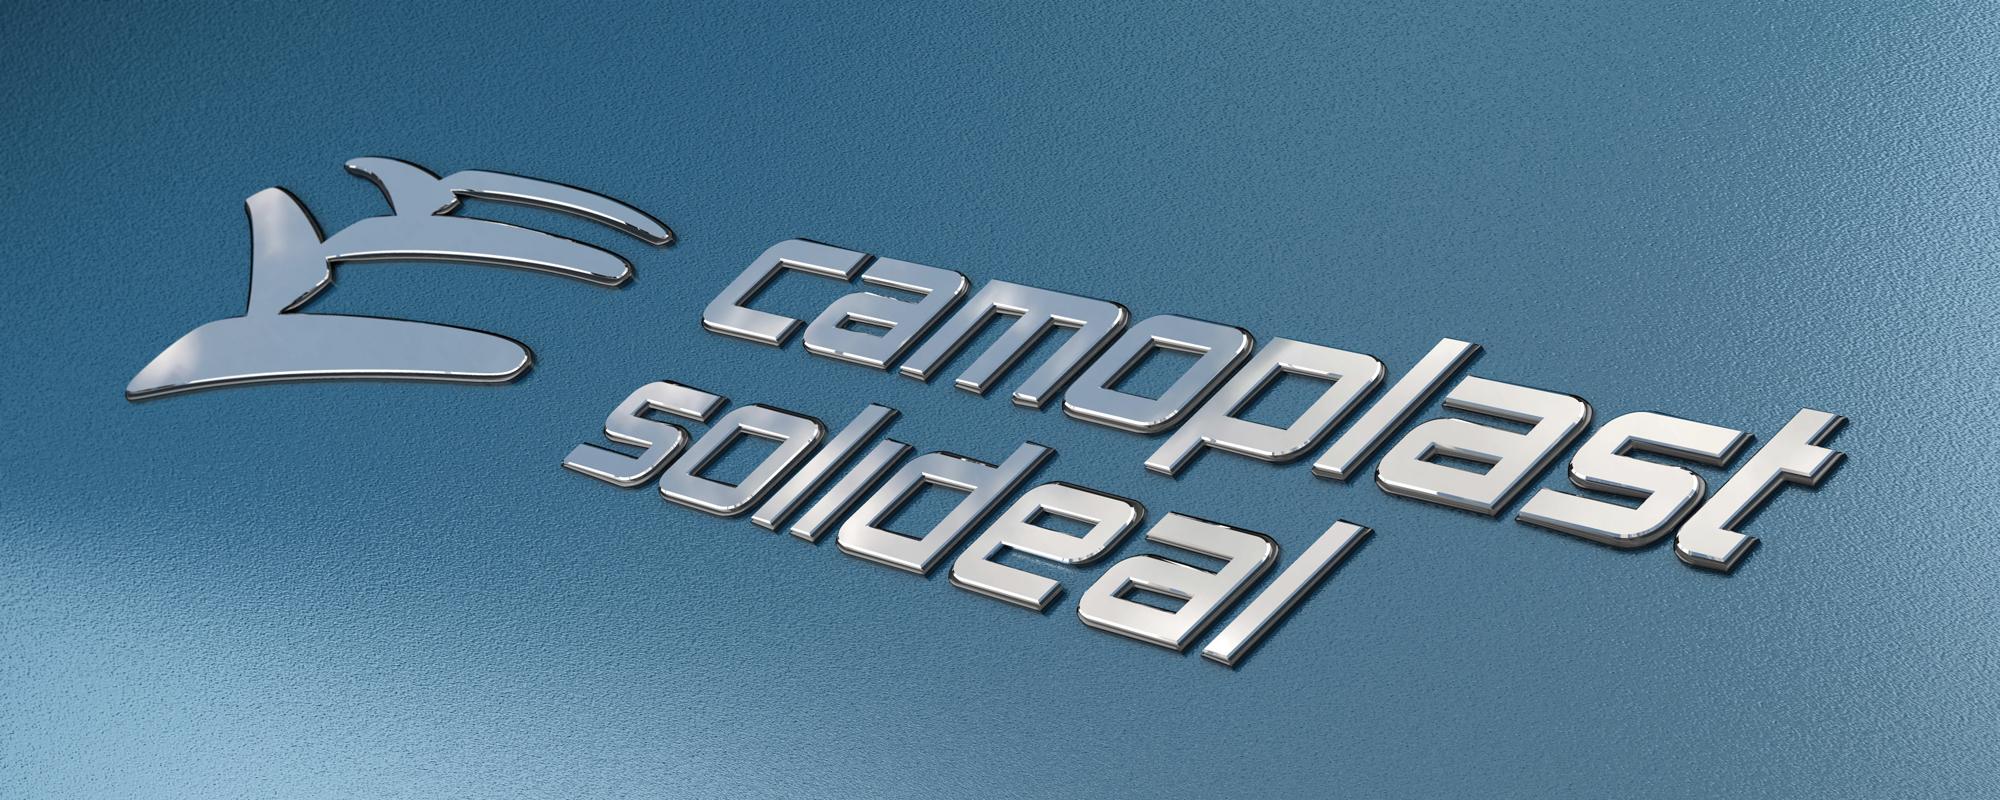 CAMO_SOLID_3D